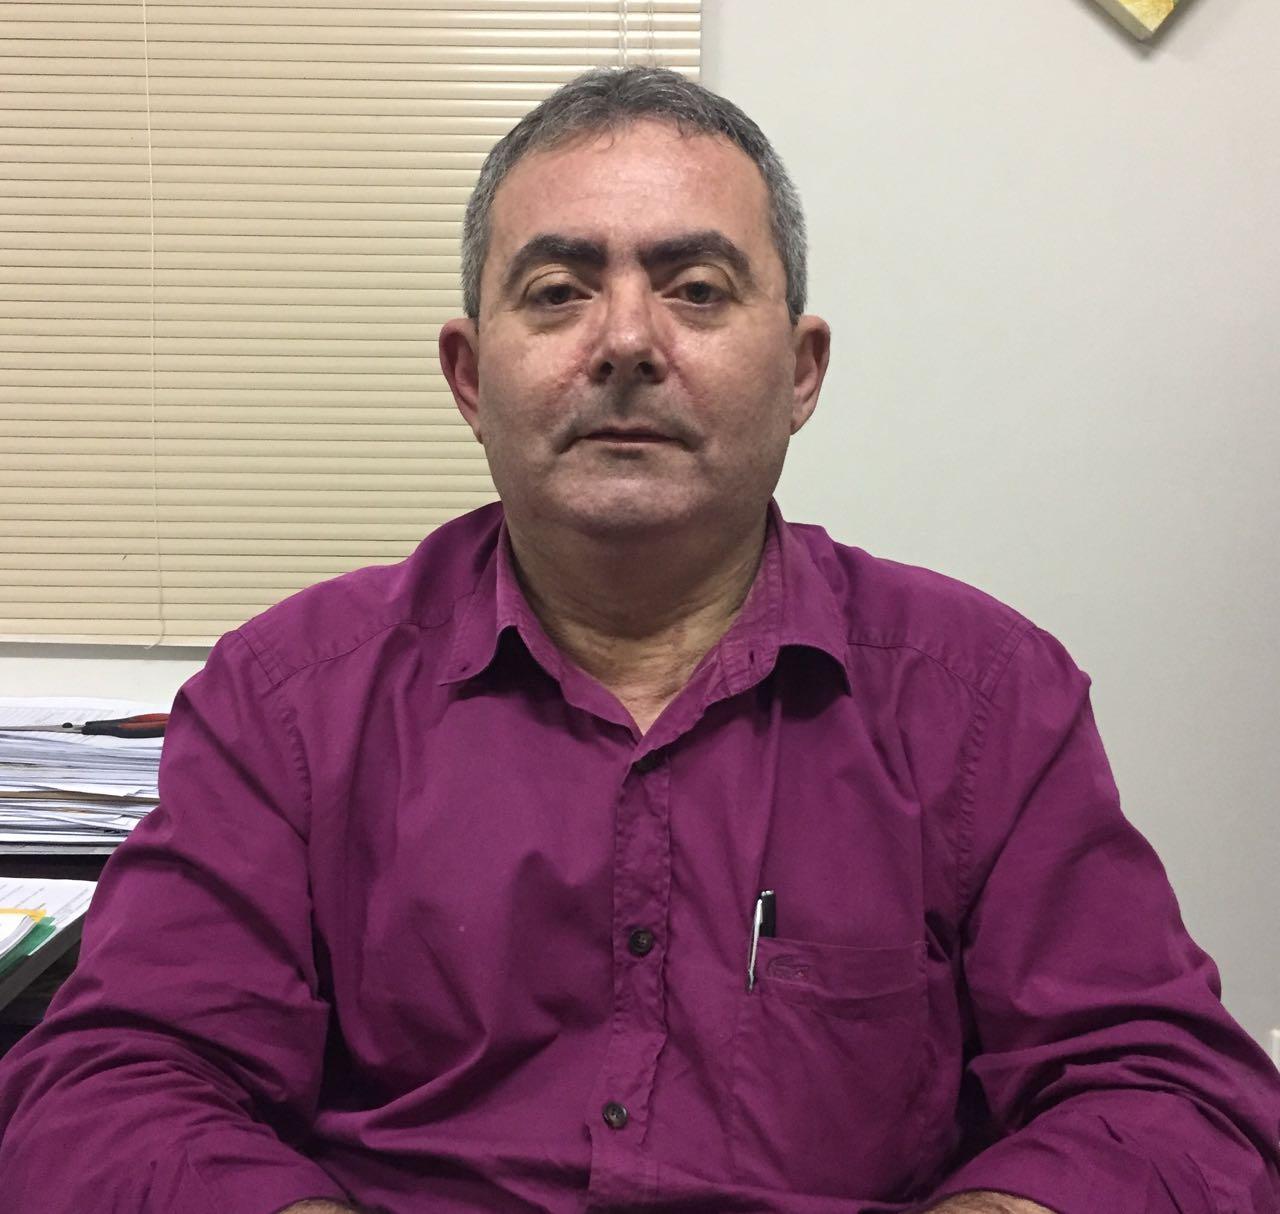 José Zivaldo Brandão Rocha